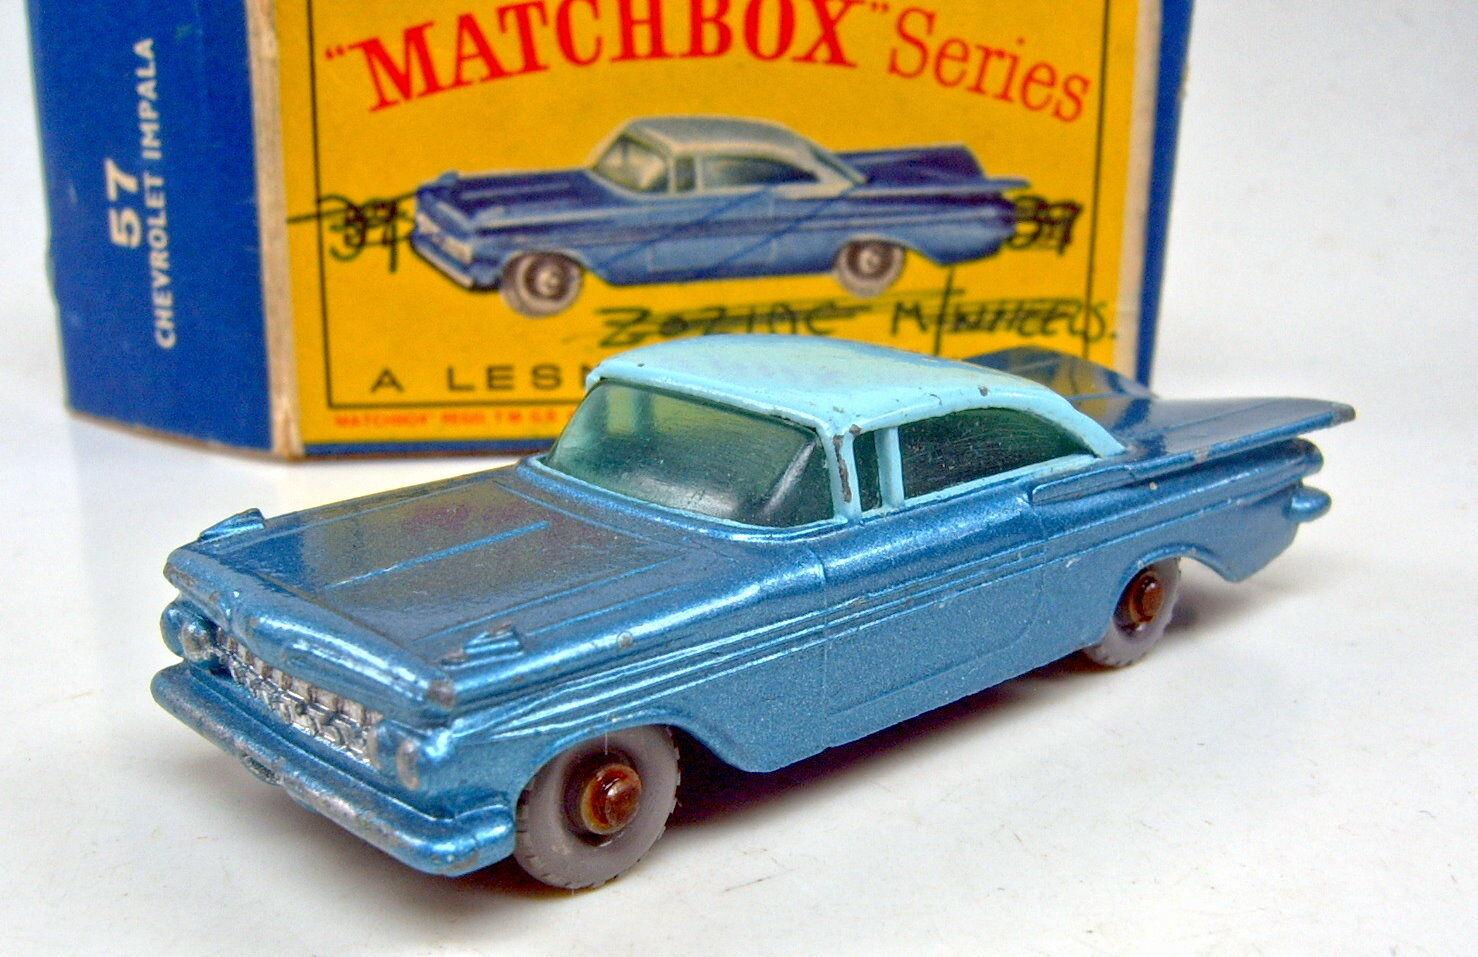 Matchbox RW 57b CHEVROLET IMPALA GRISE roues bleu bleu bleu plaque de sol rareHommes t avec Box | Les Produits Sont Vendu Sans Limitations  | Pour Votre Sélection  94be45